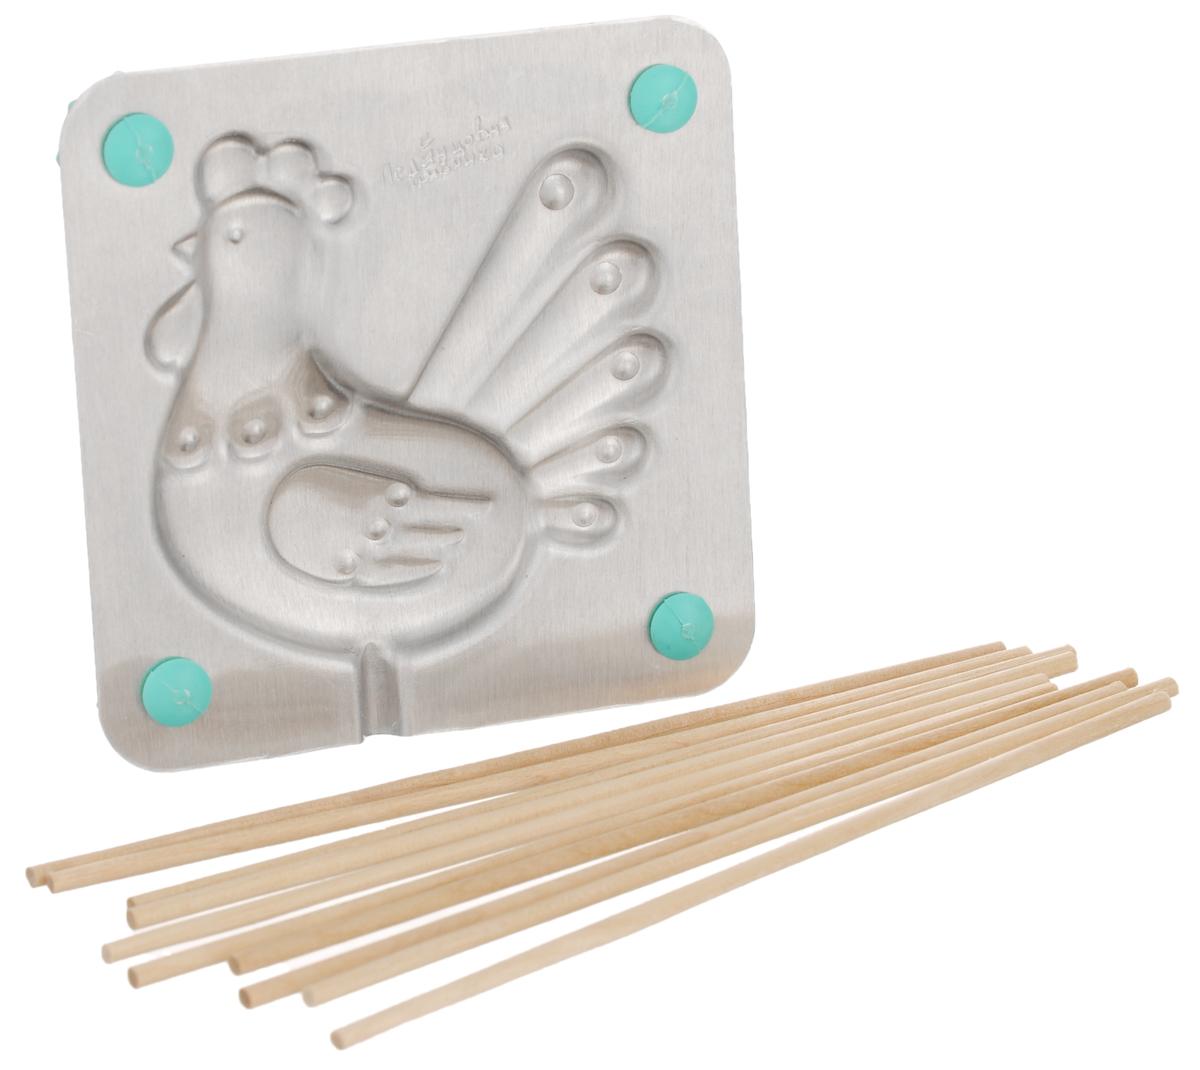 Форма для леденцов Курочка Ряба, 9,5 х 9,5 см формы для приготовления леденцов на палочке